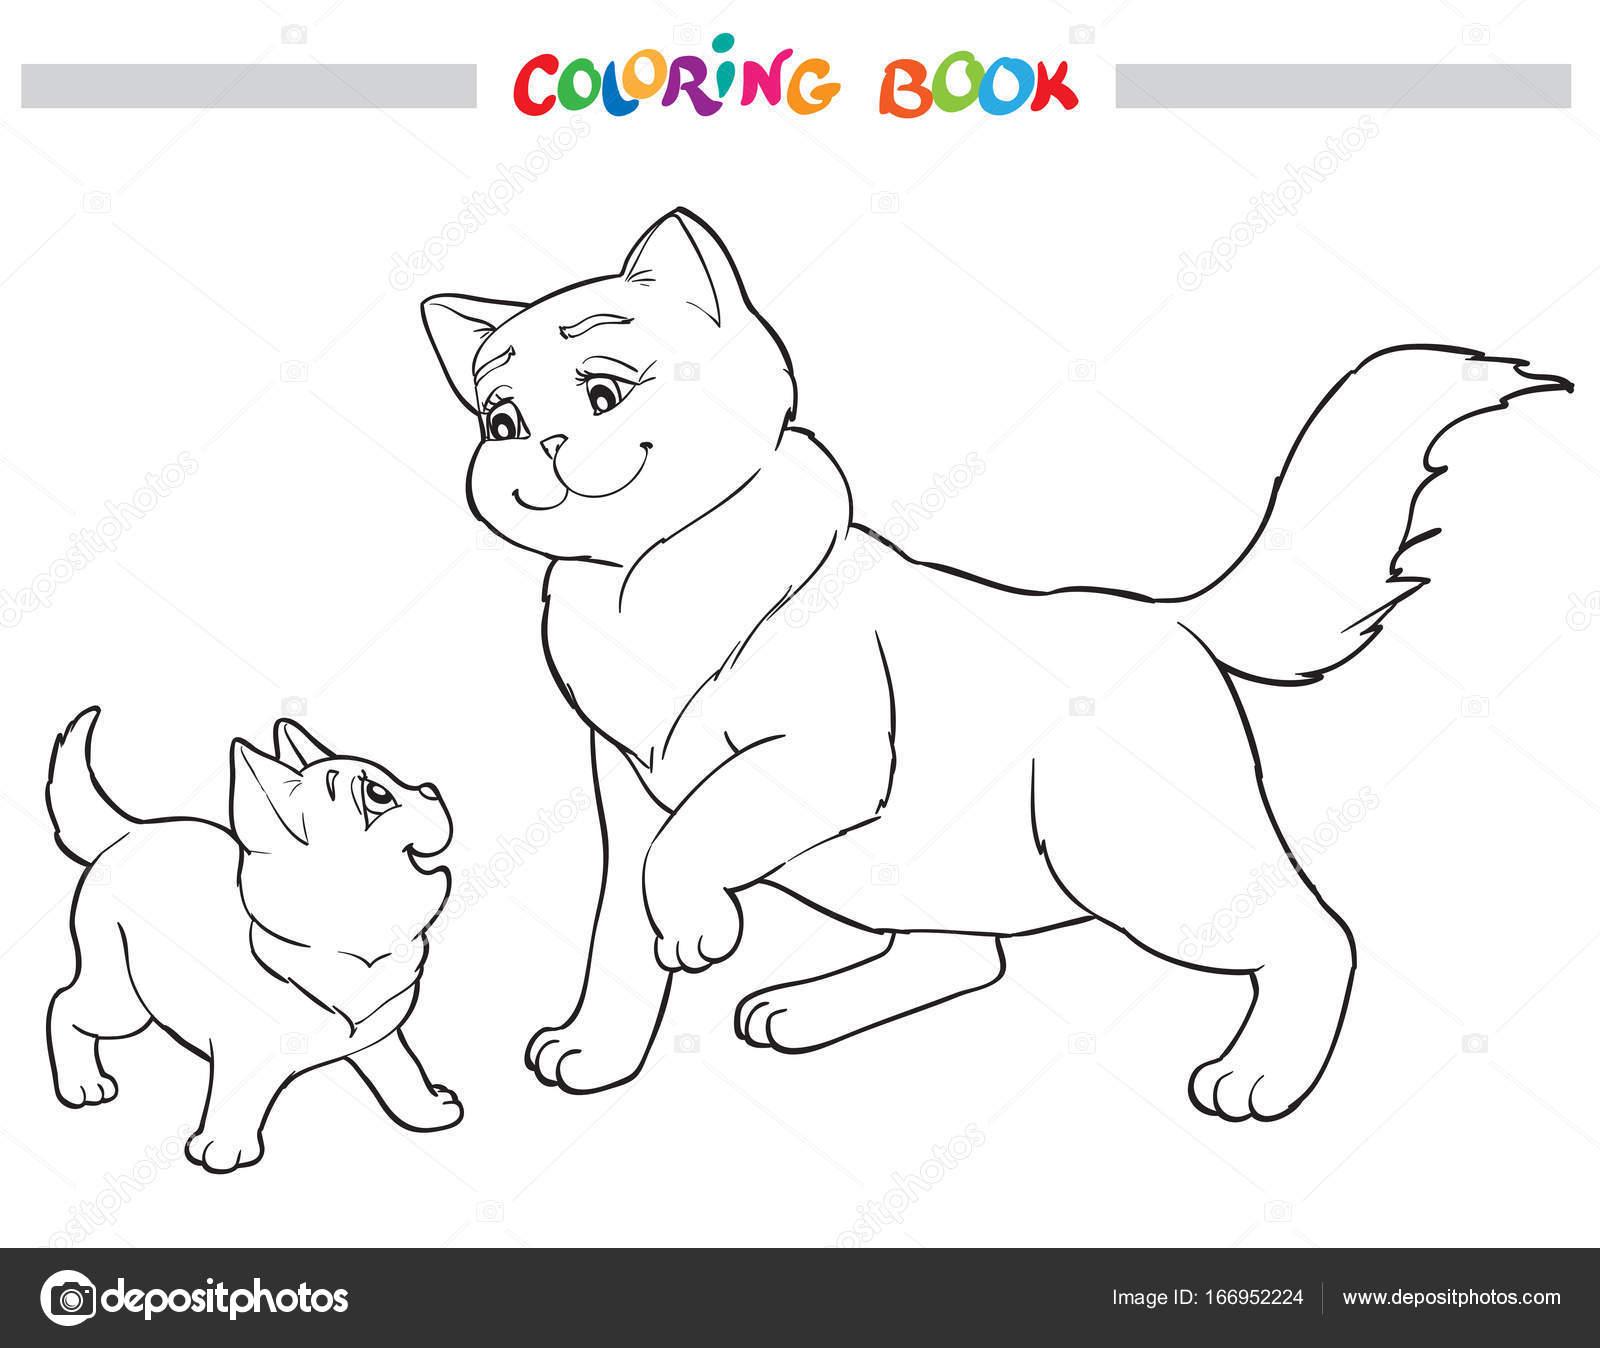 Vektör Illüstrasyon Kedi Anne Ile Yavru Kedi Boyama Kitabı Stok